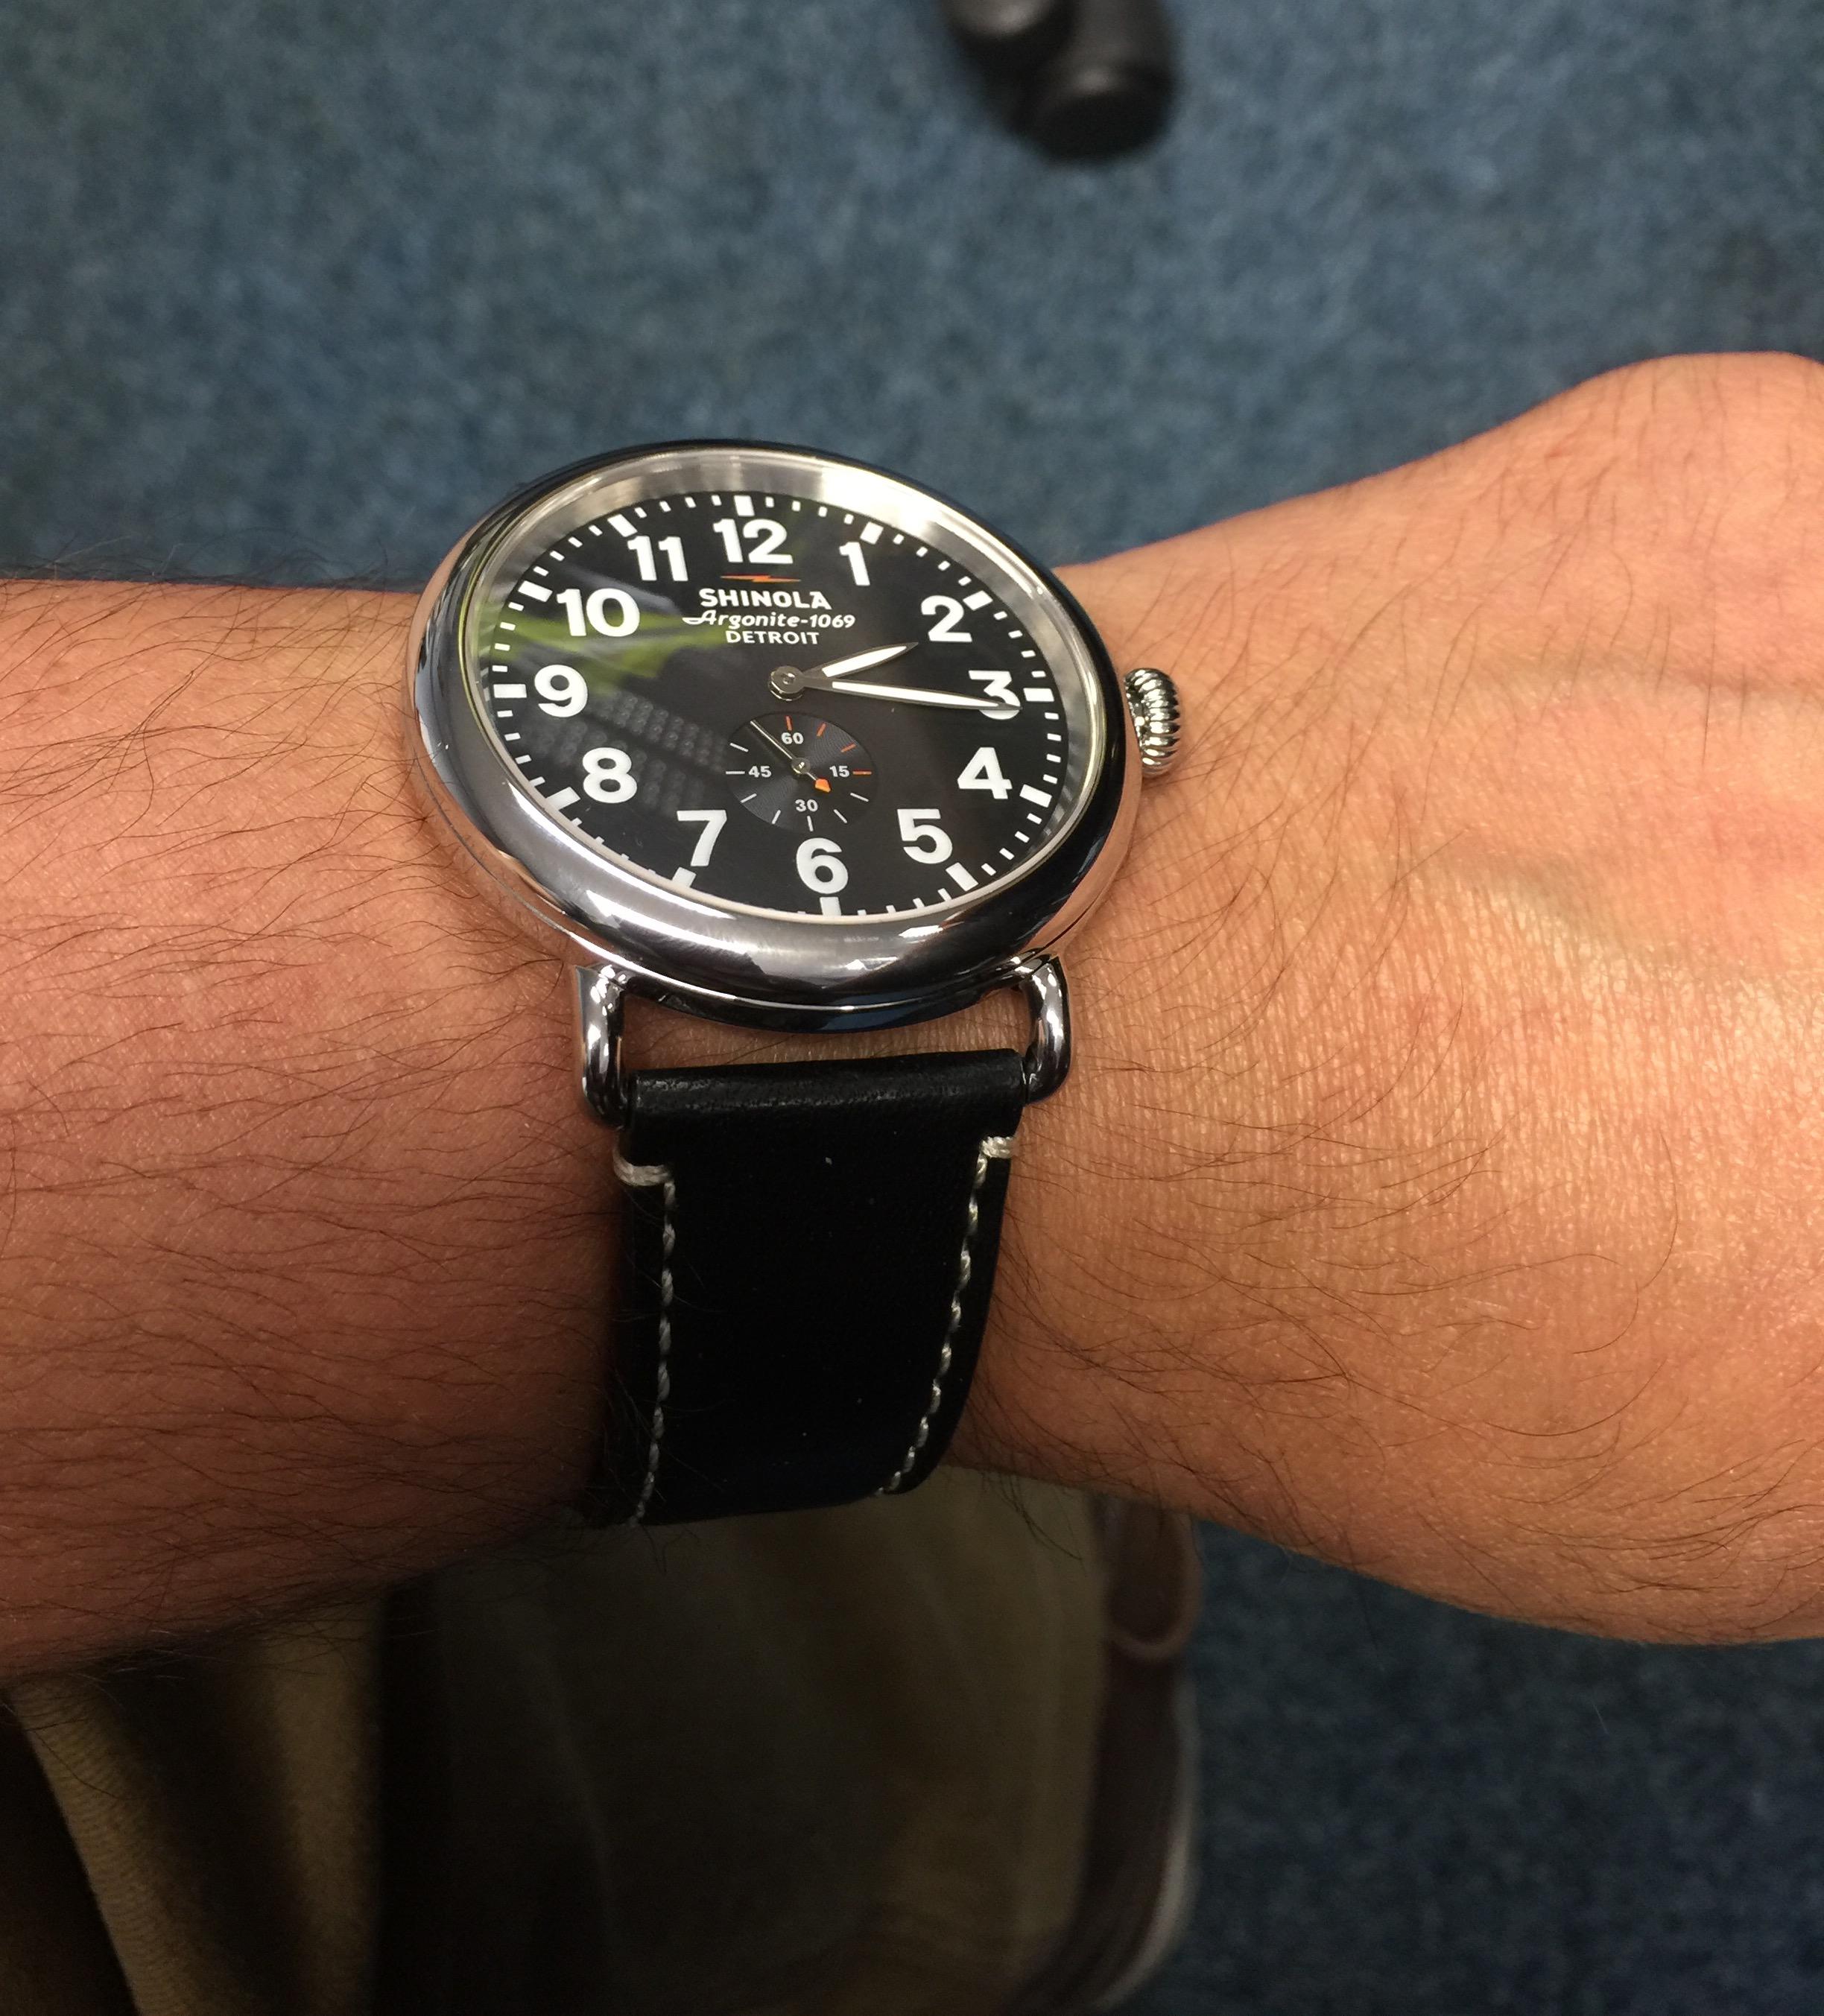 Farhad19620's photos in Poor man's watch thread